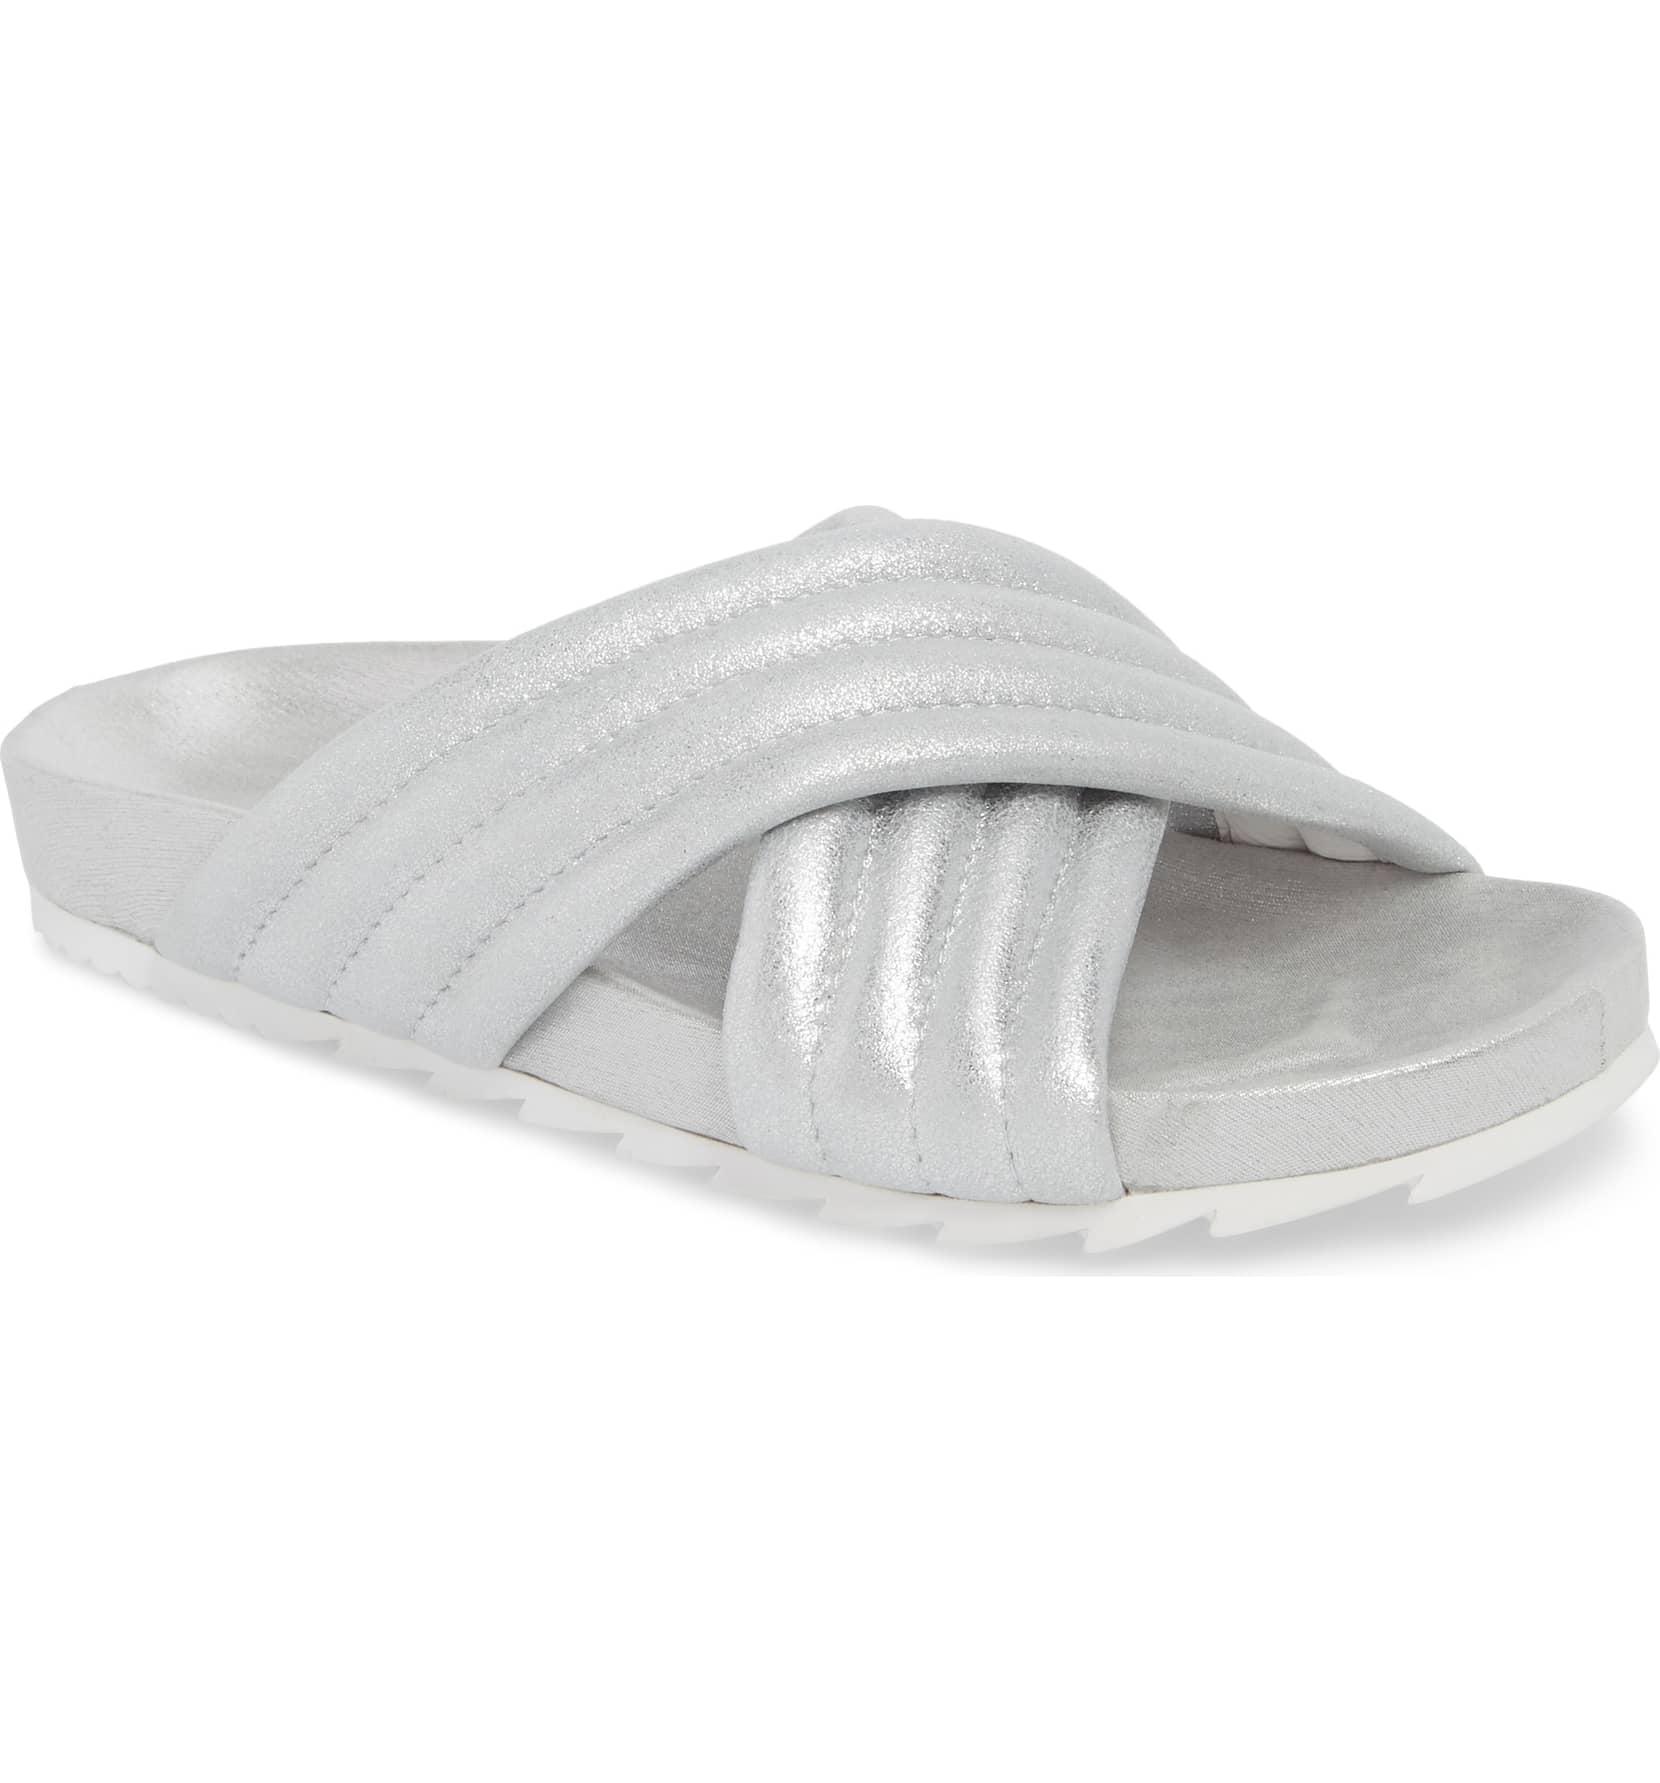 flat mule slides open toe